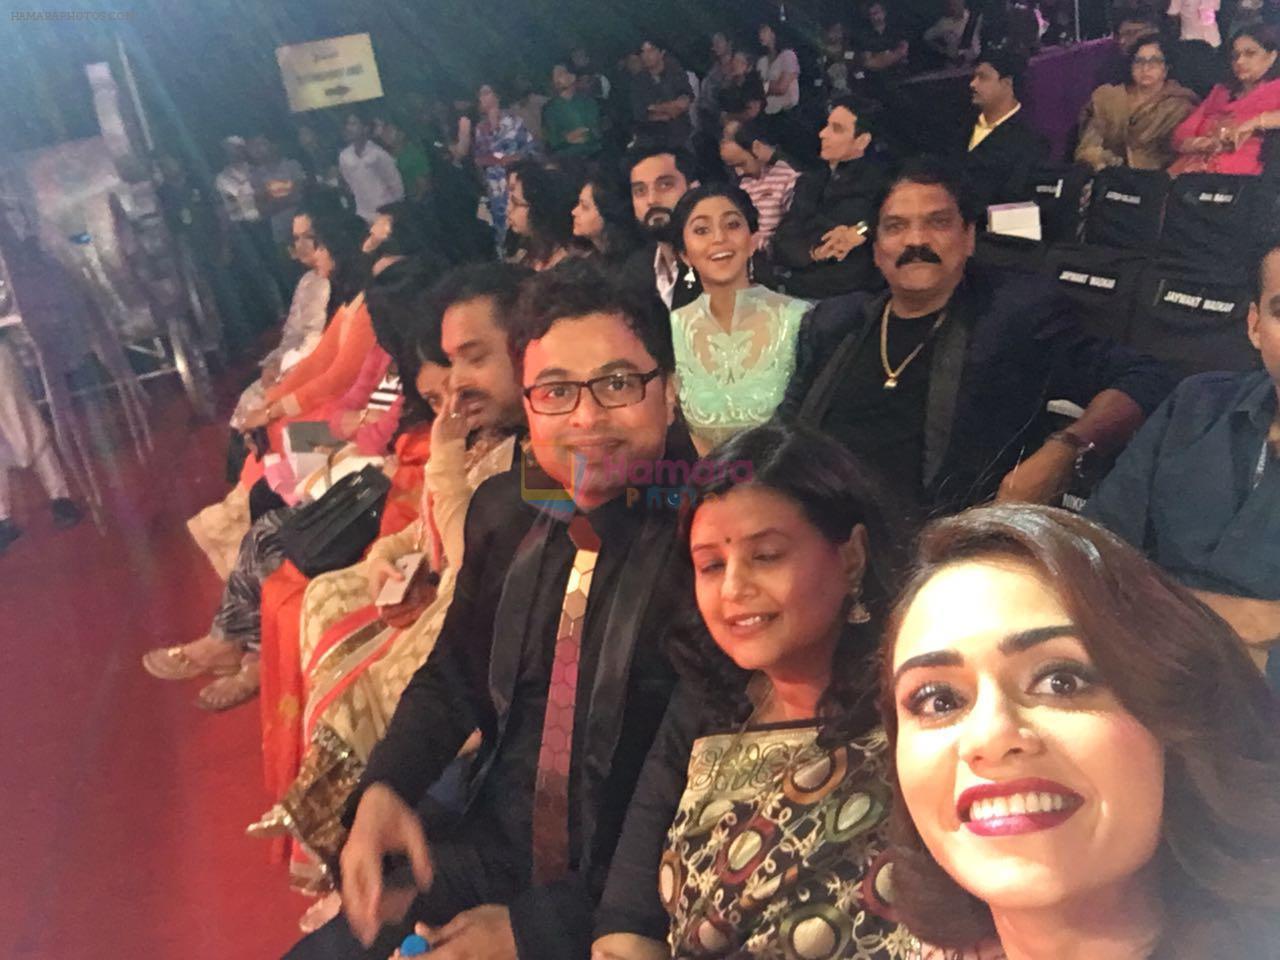 Amruta khanvilkar at Marathi filmfare awards 2016